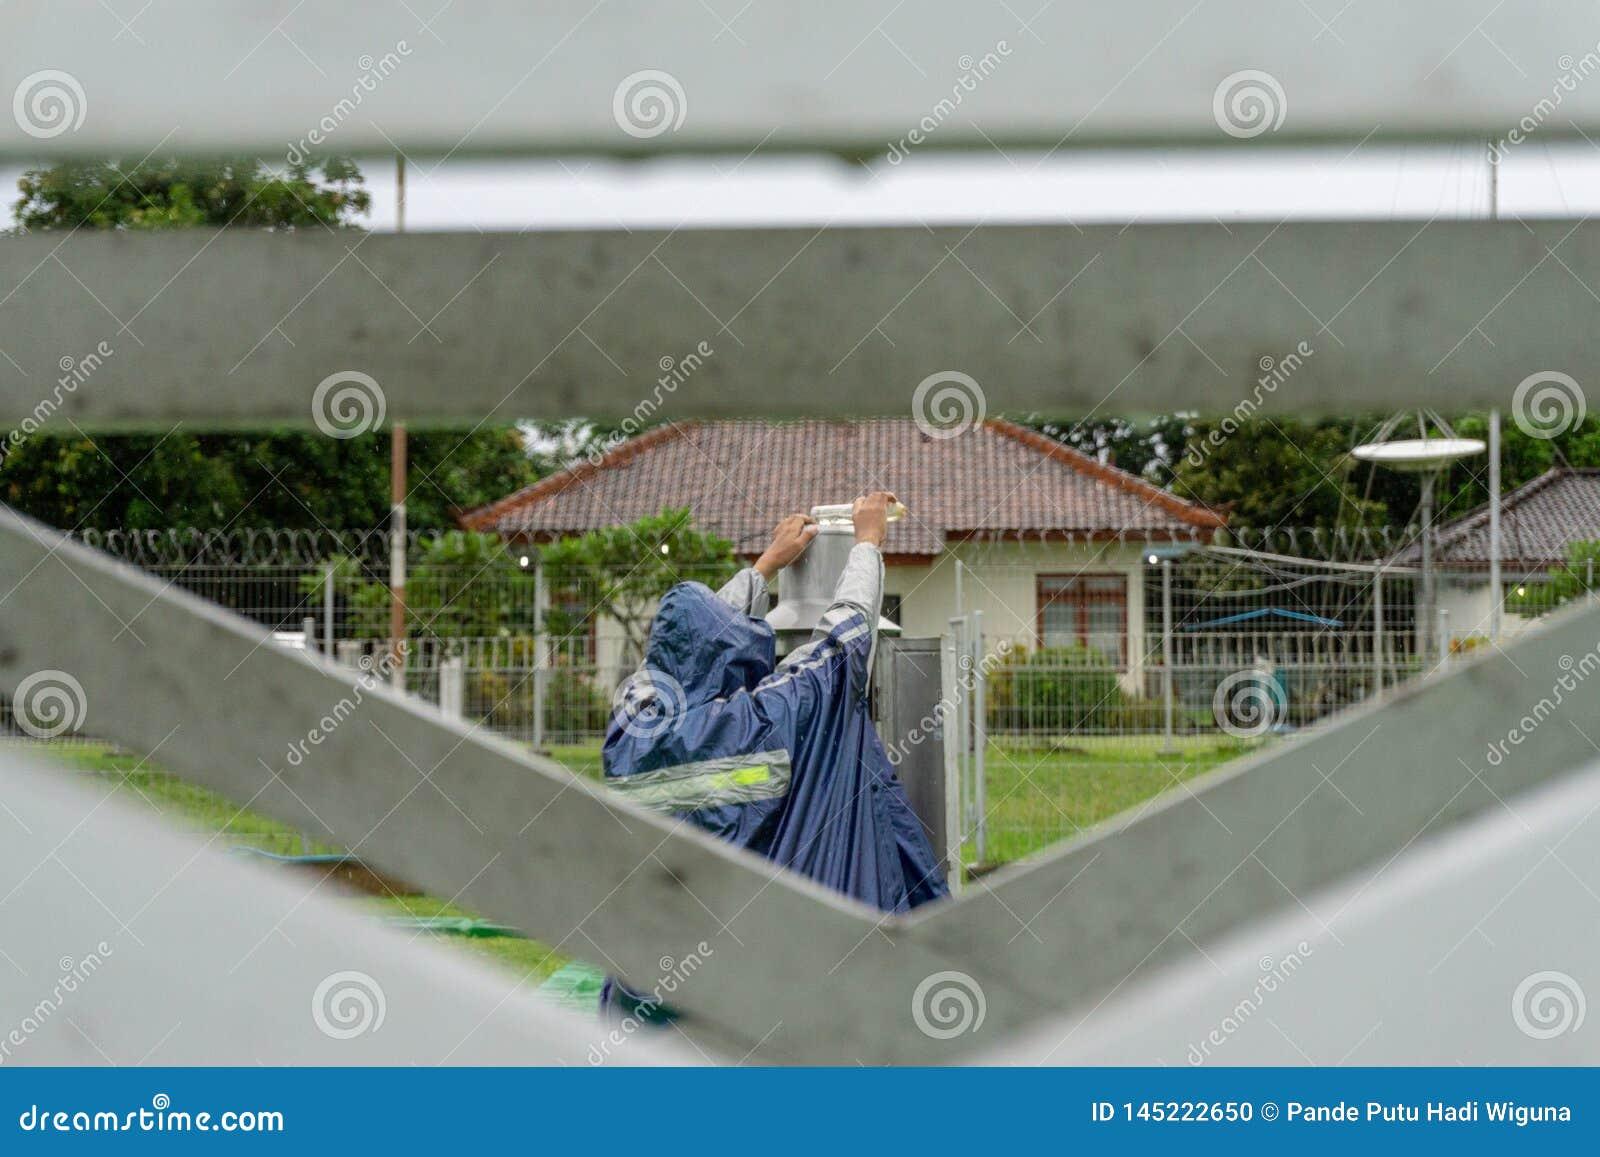 BALI/INDONESIA- 21-ОЕ ДЕКАБРЯ 2017: Метеорологический наблюдатель проверяет мет